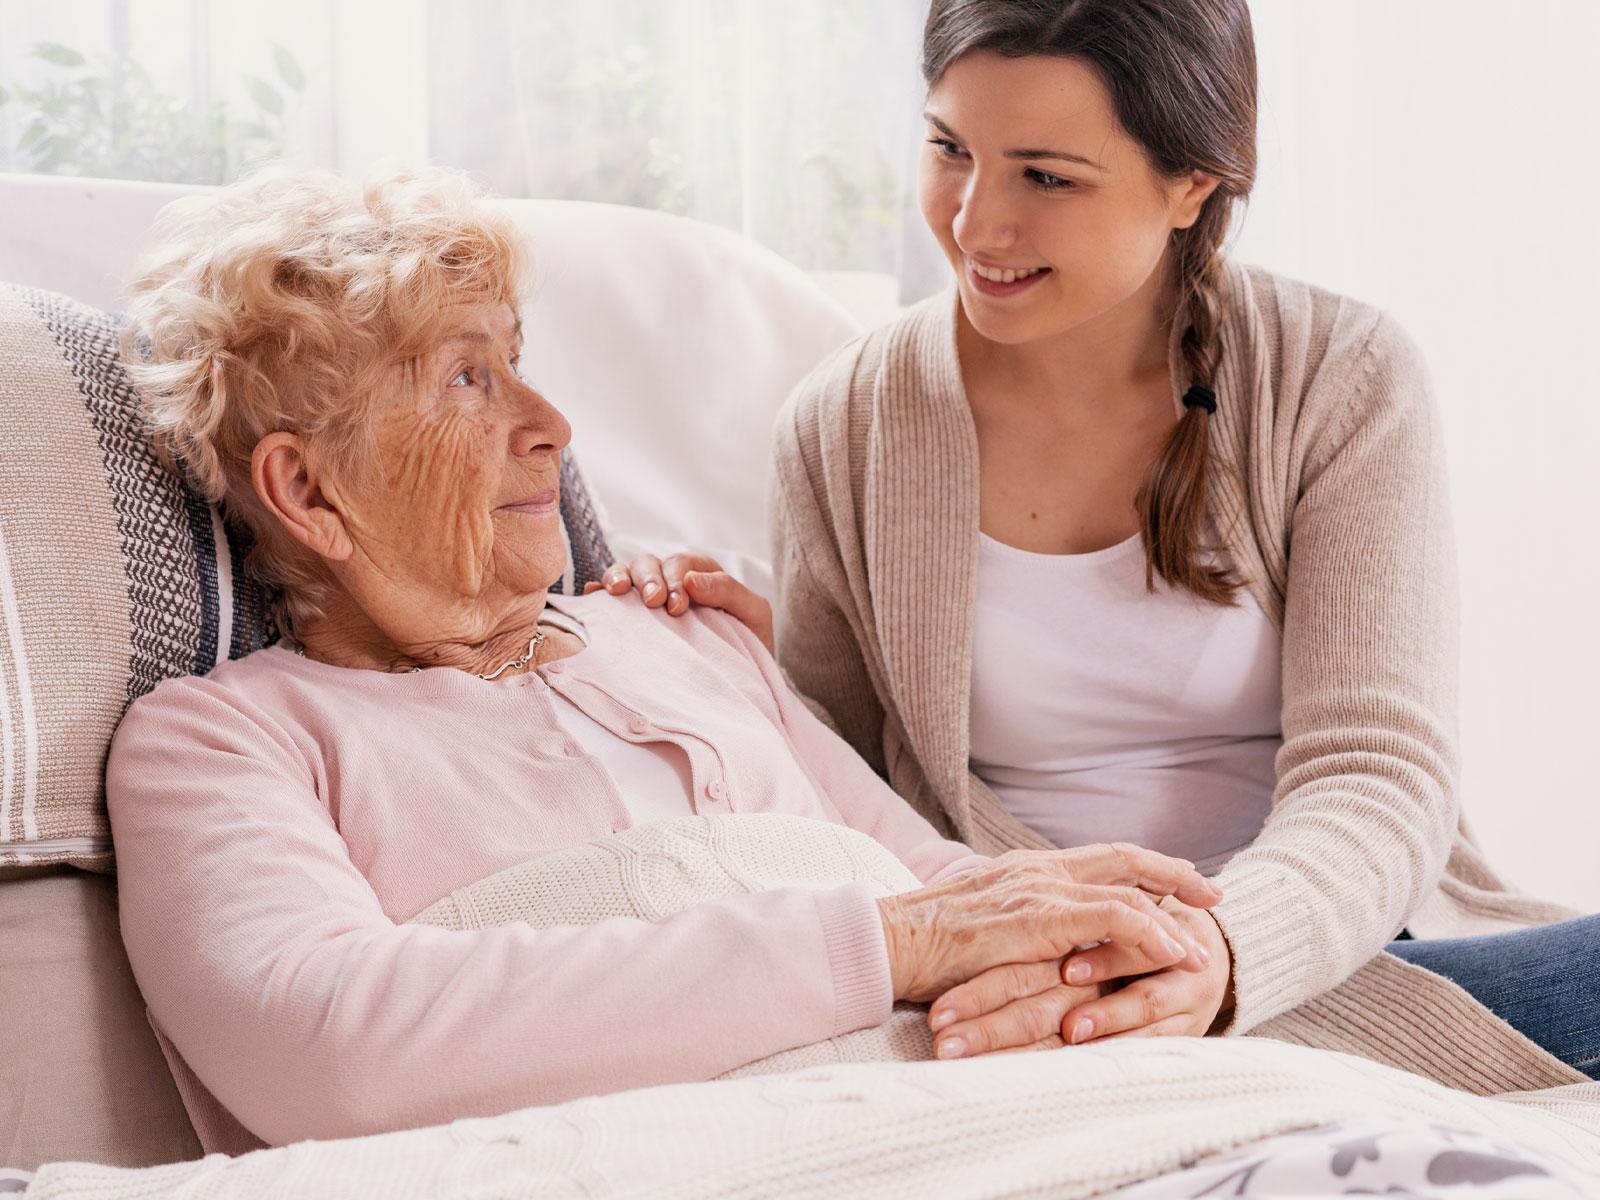 Relação de amor e cuidado com os pais na velhice